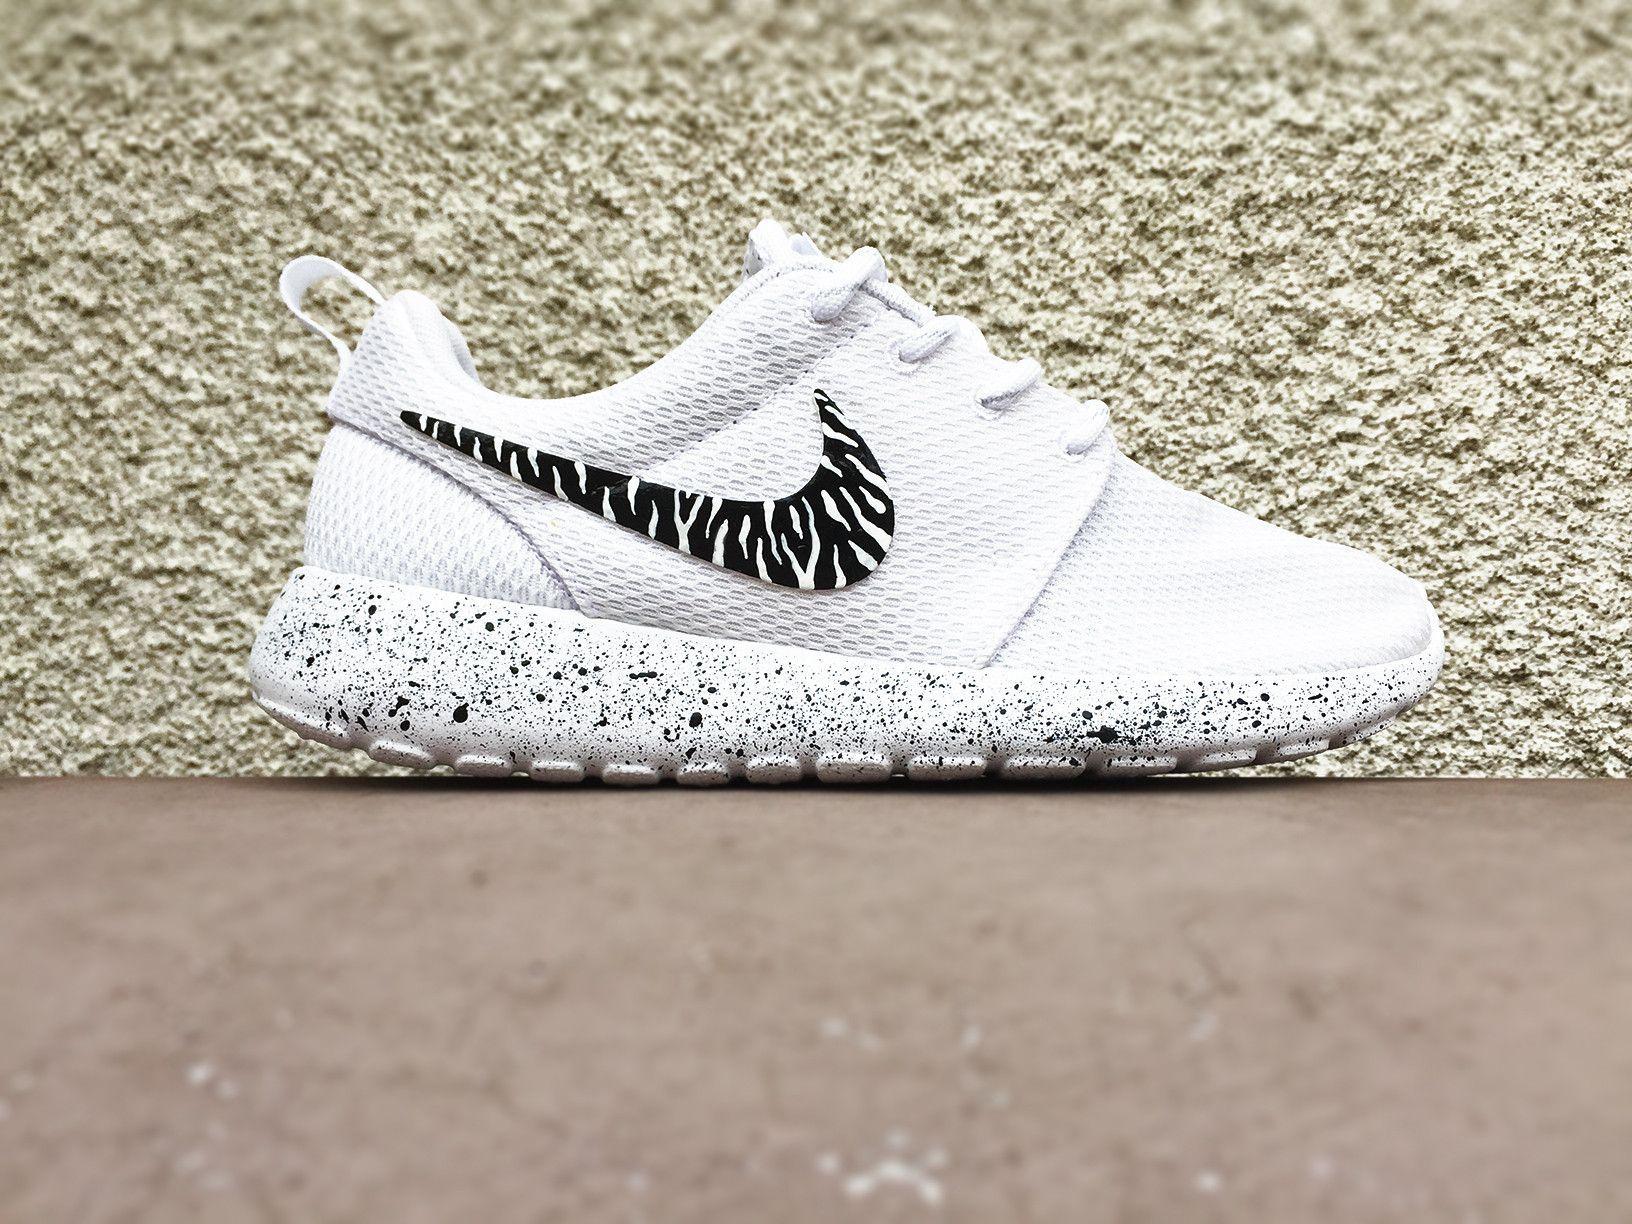 the latest 8361b deeaa Custom Nike Roshe black and white zebra print, White with black splatter,  Cute trendy design, Womens custom Roshe